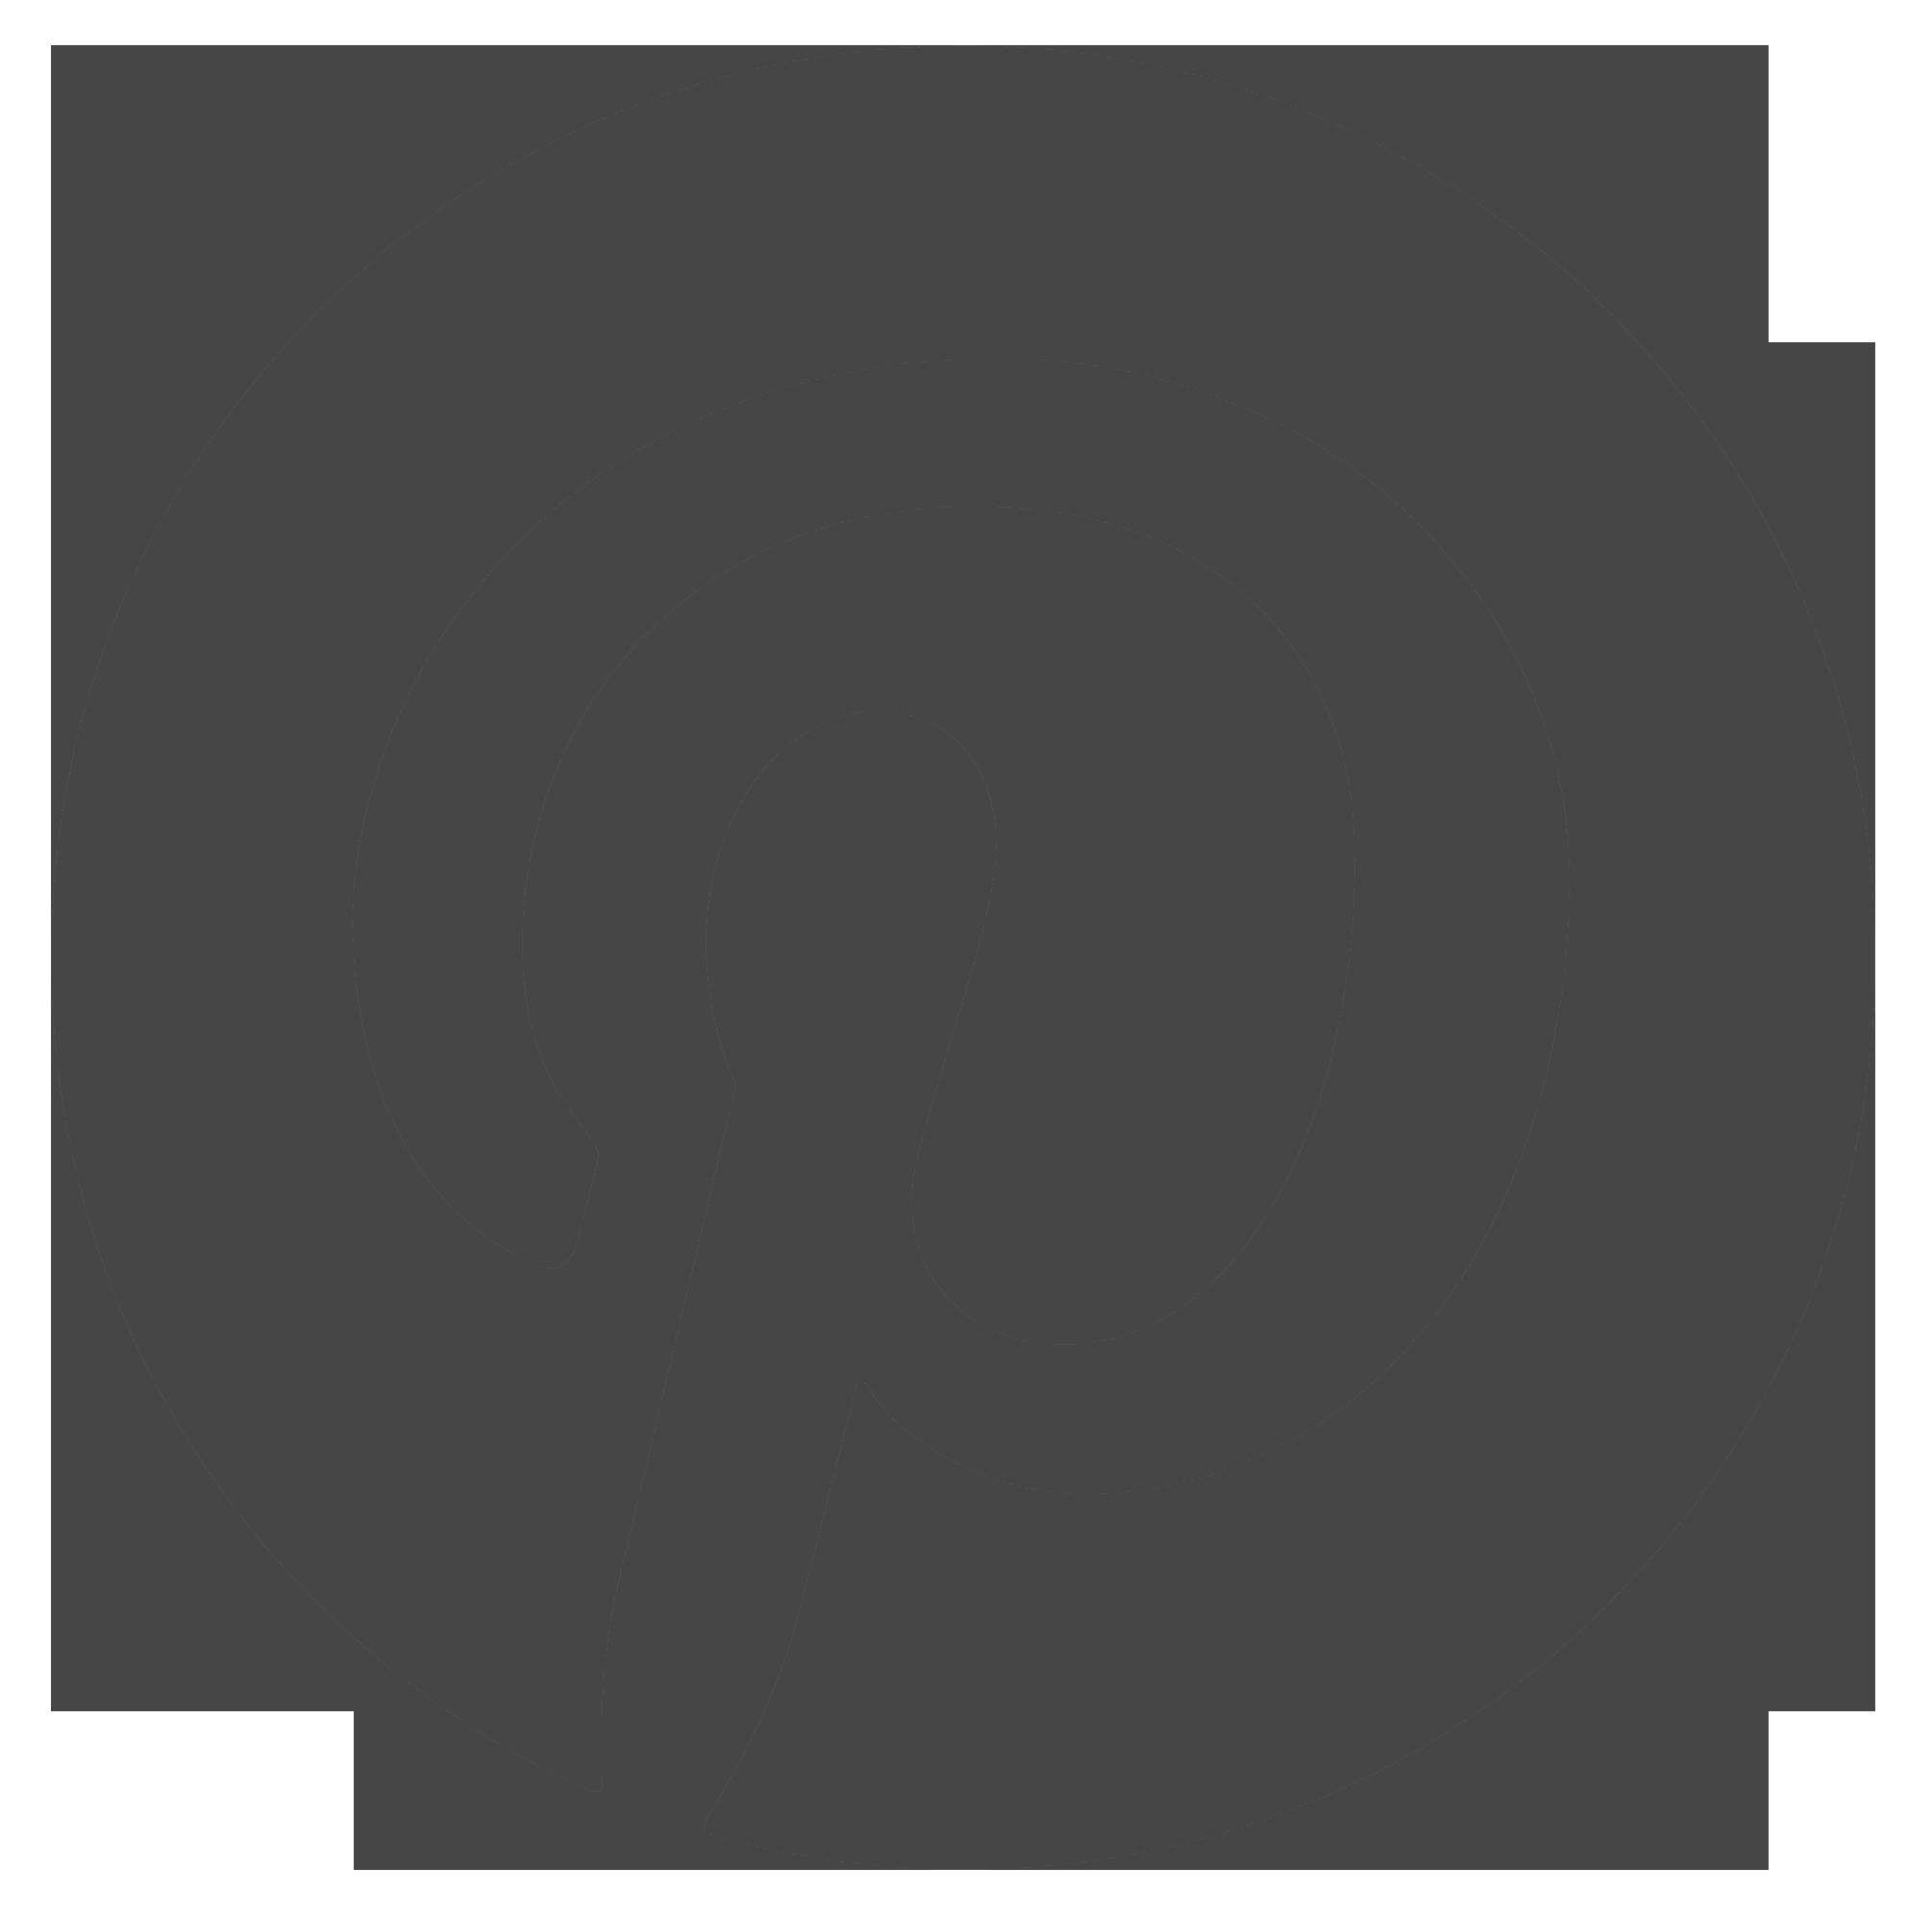 Pinteres icon